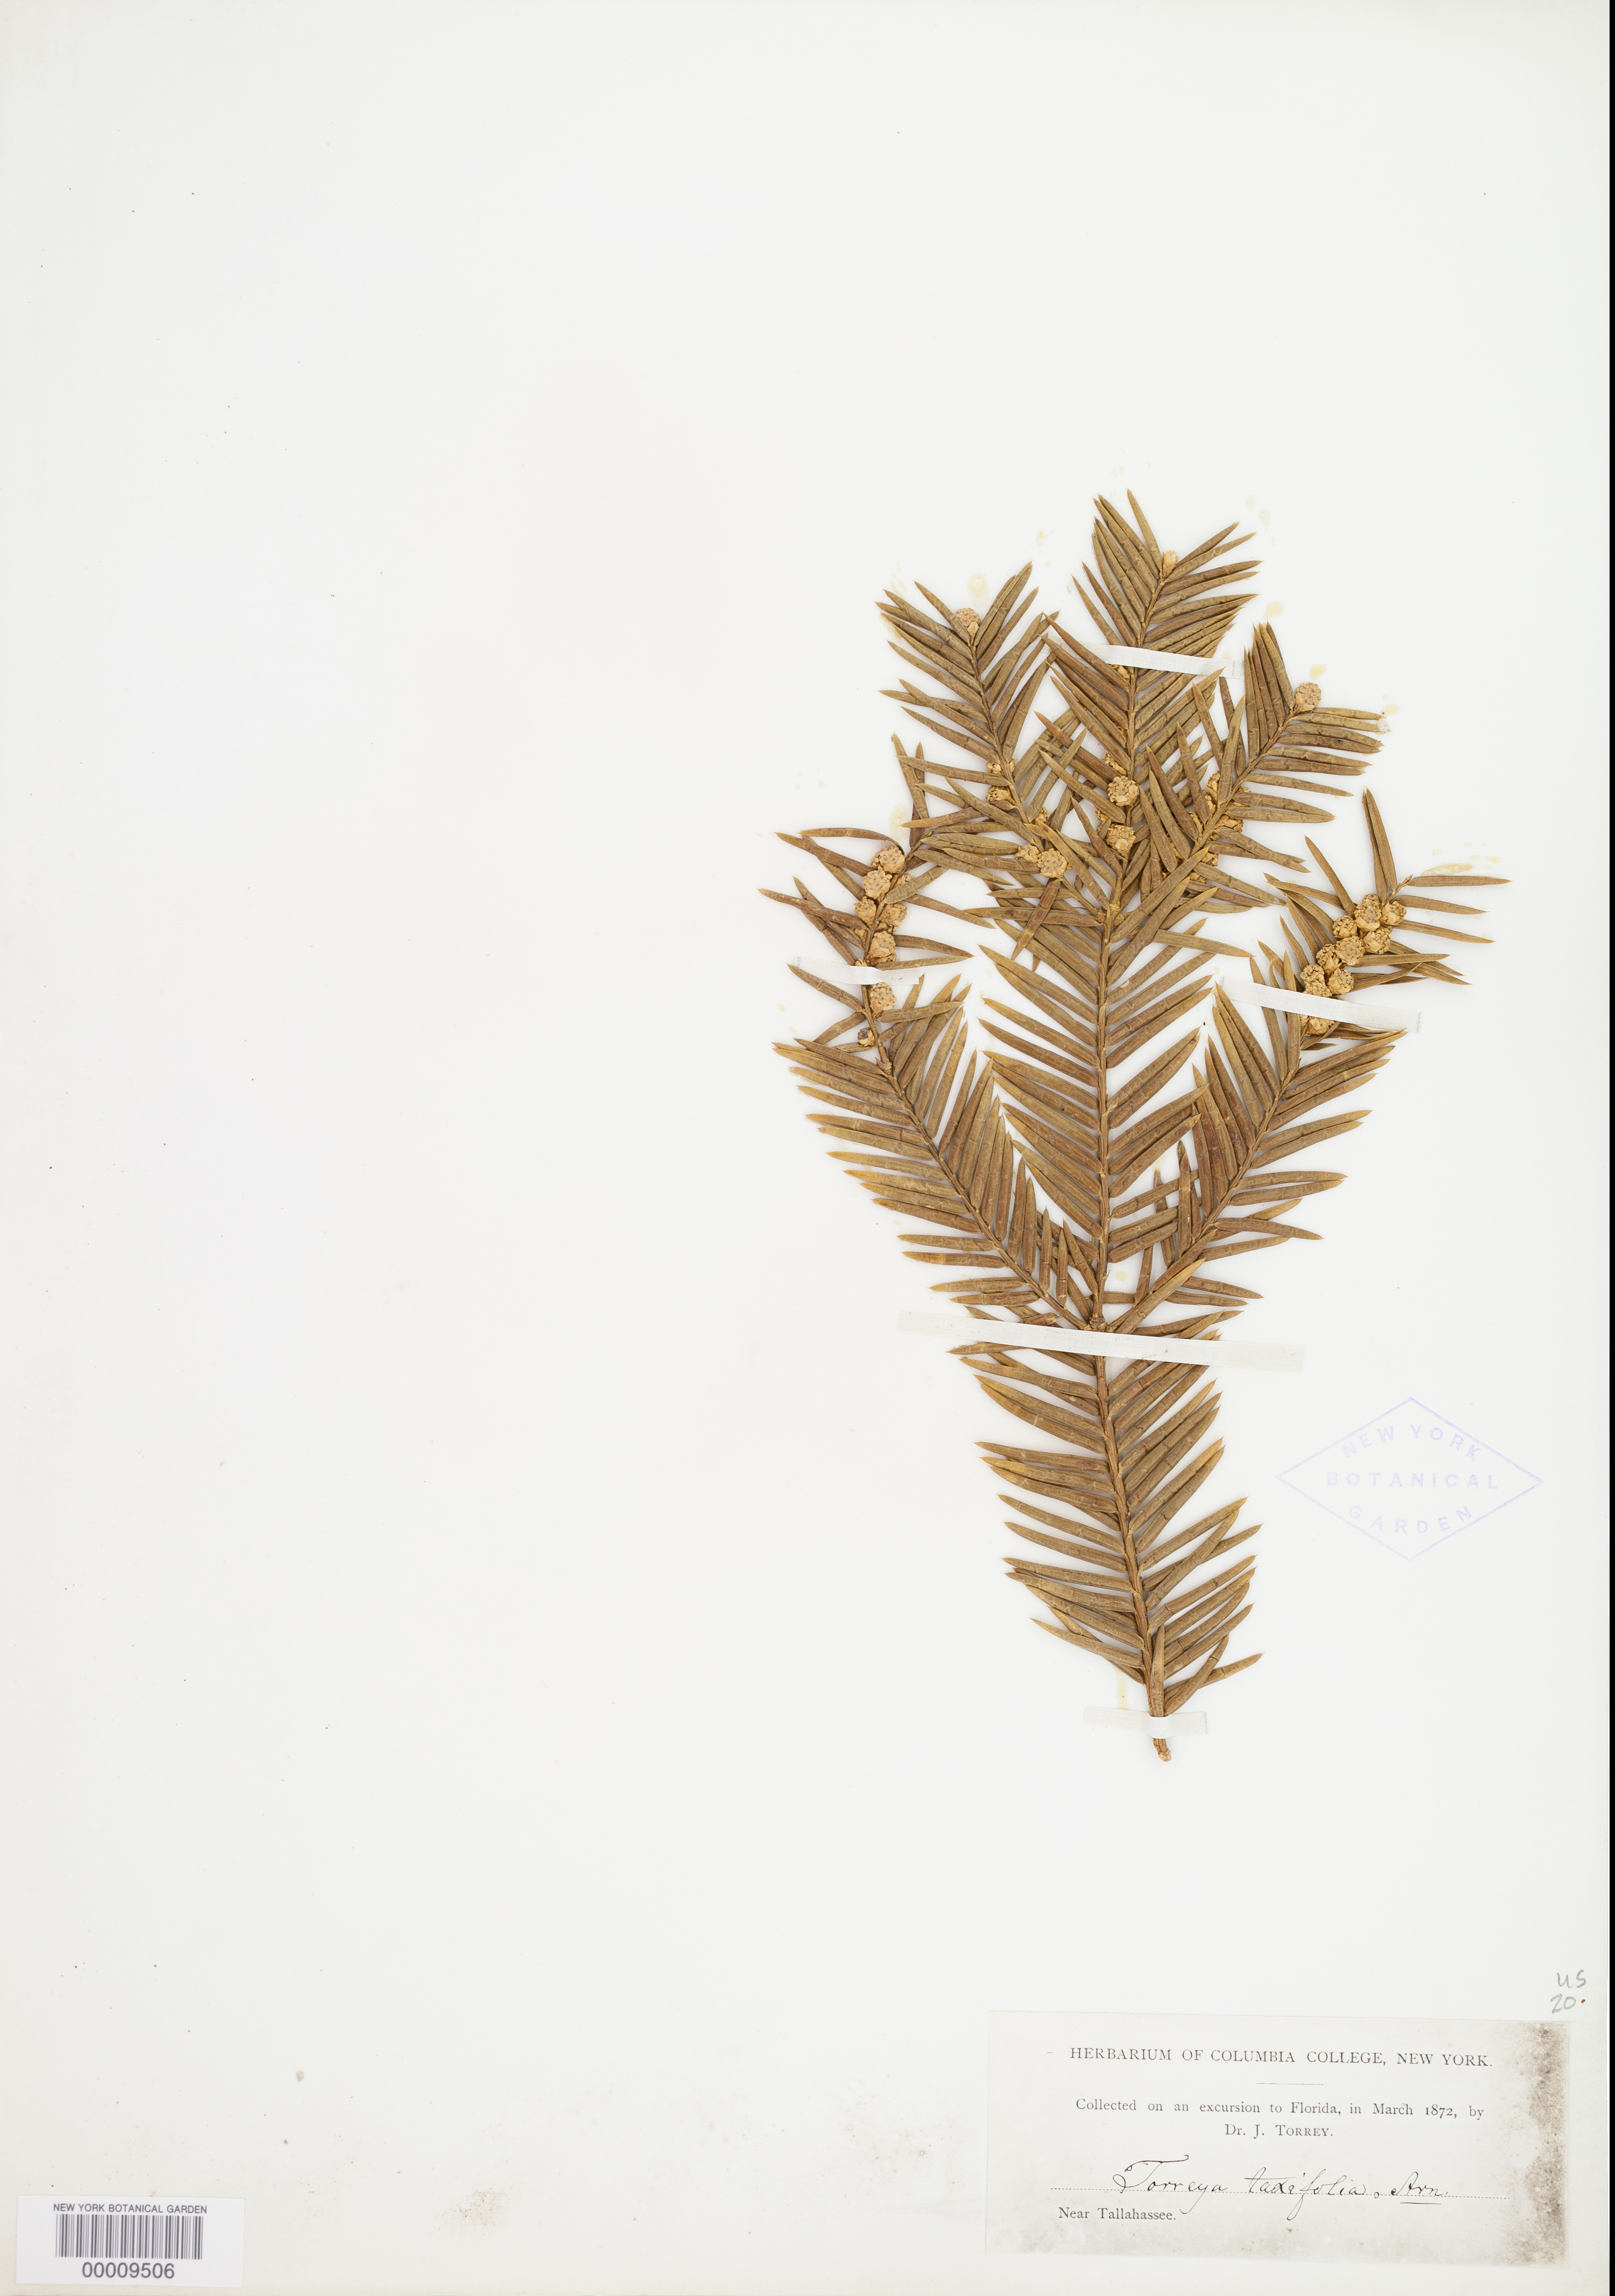 Florida Torreya herbarium specimen